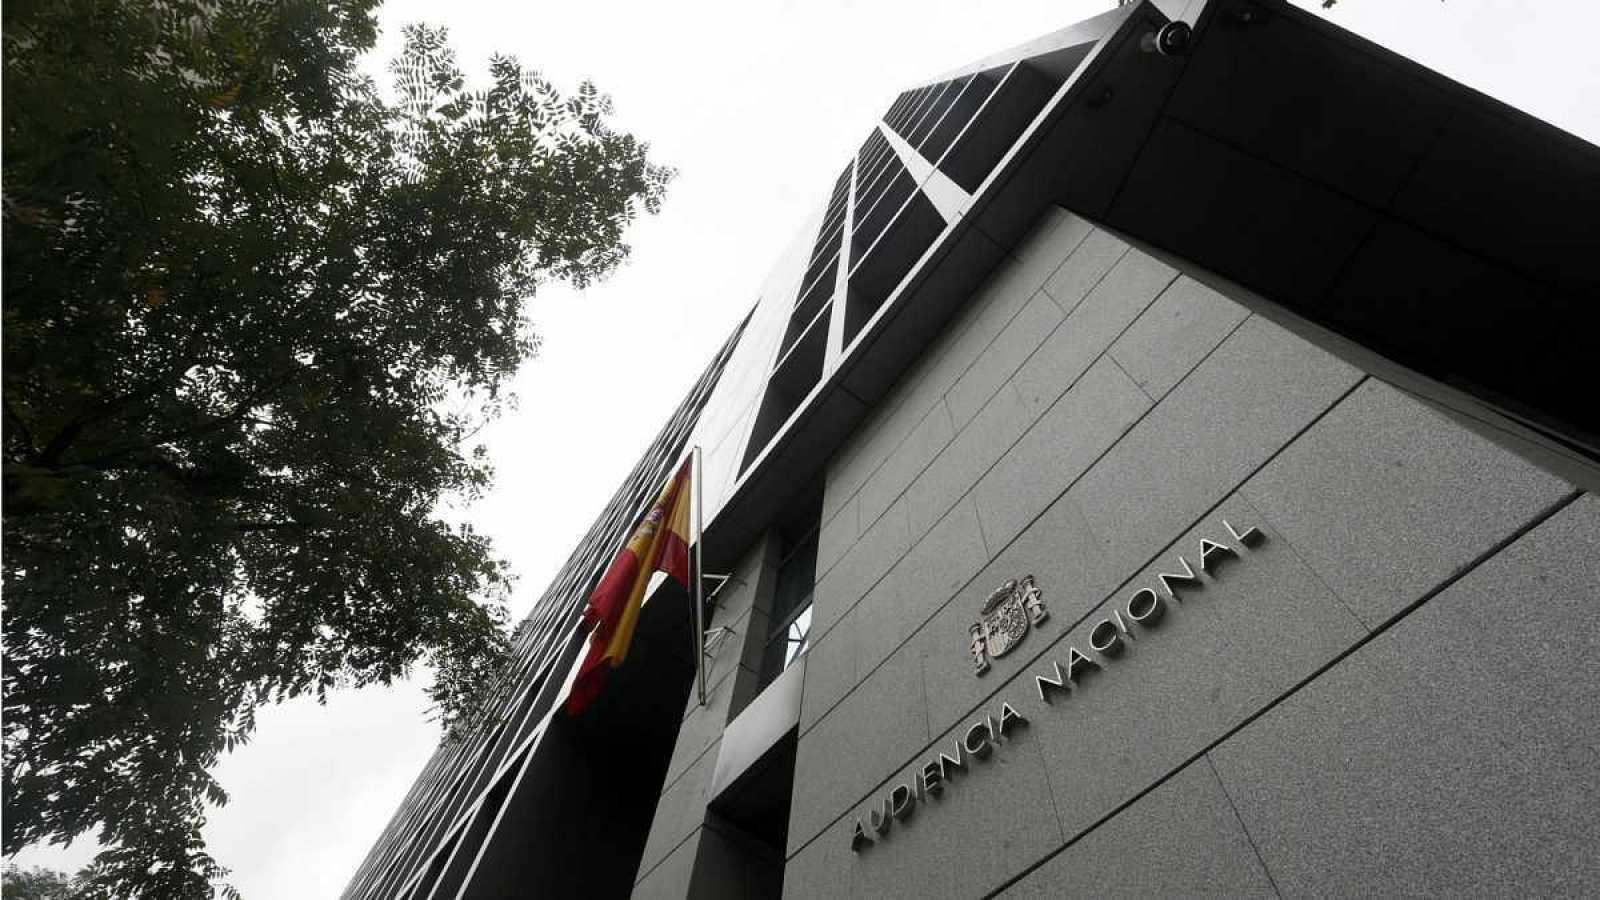 La fachada de la Audiencia Nacional, en una imagen de archivo.